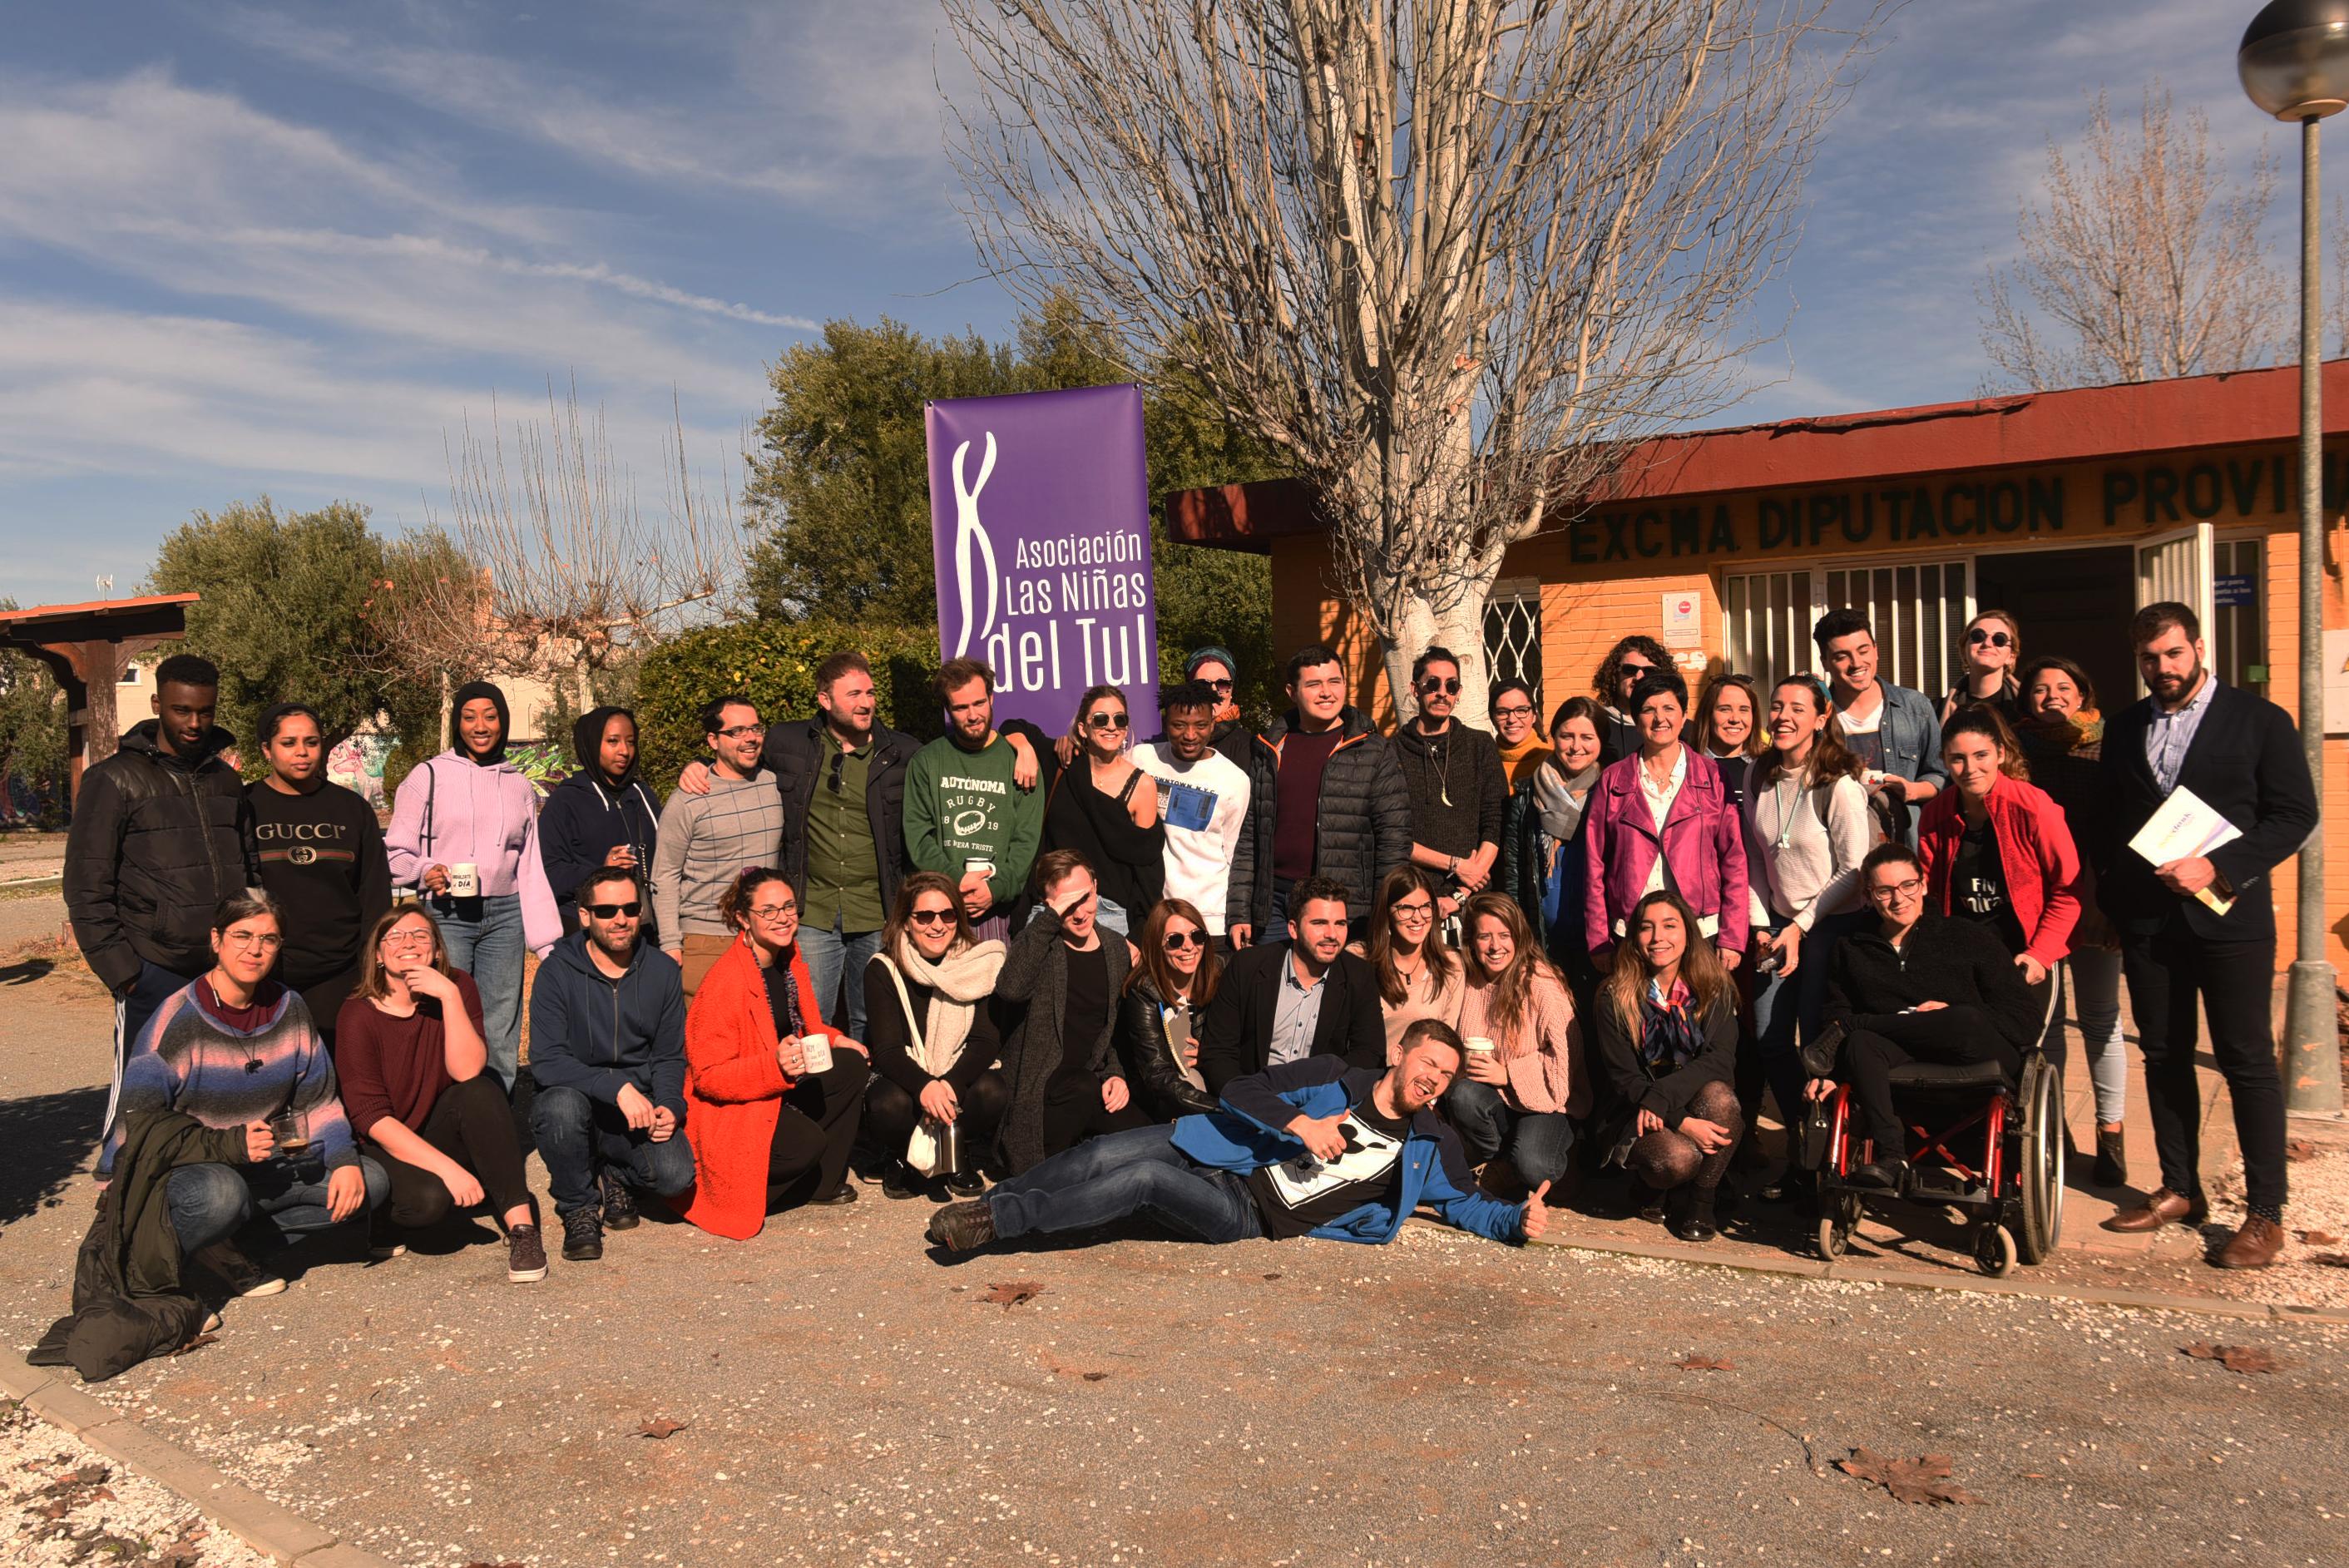 La Ciudad Deportiva de Diputación acoge un encuentro europeo sobre juventud e igualdad